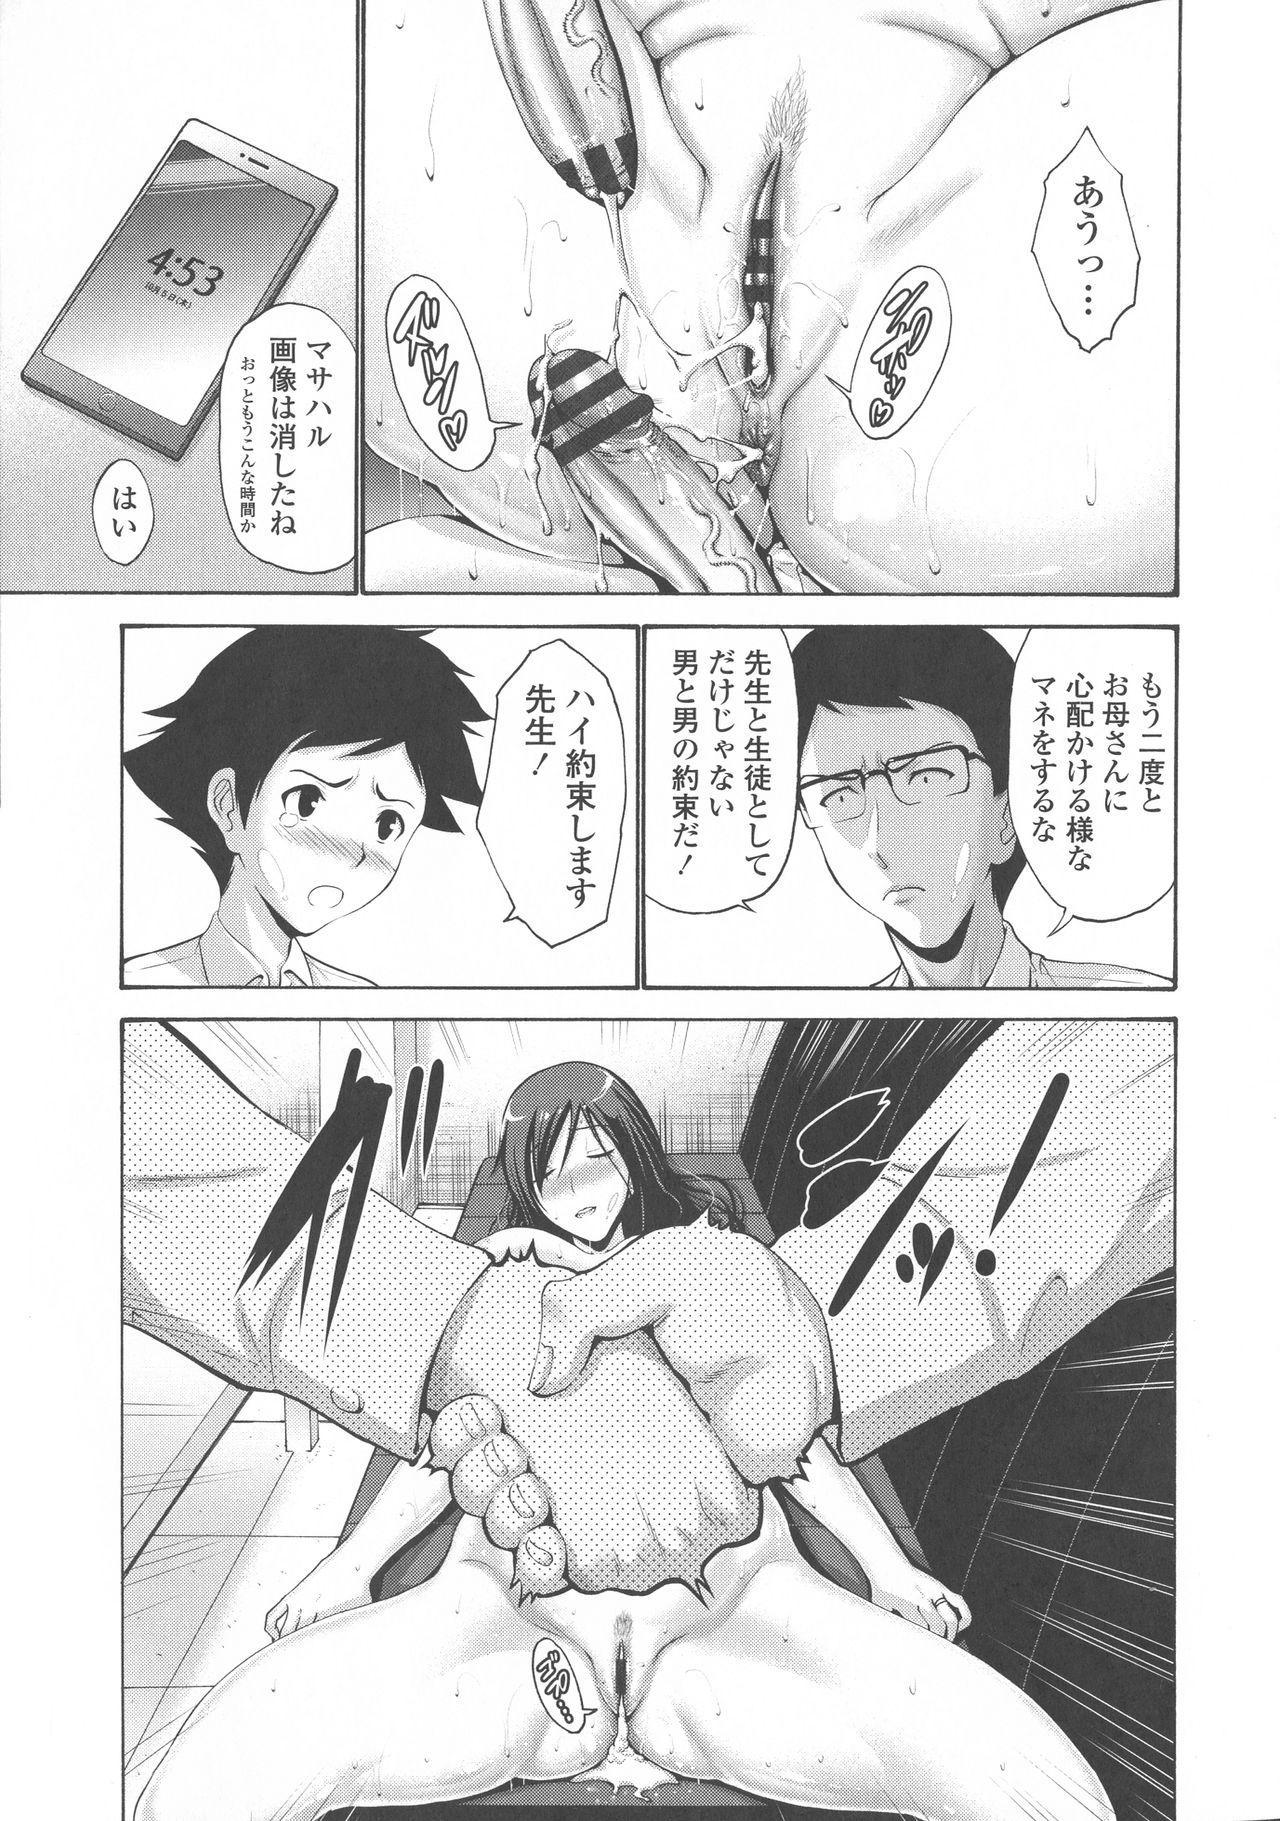 Tomodachi no Haha wa Boku no Mono - His Mother is My Love Hole 211